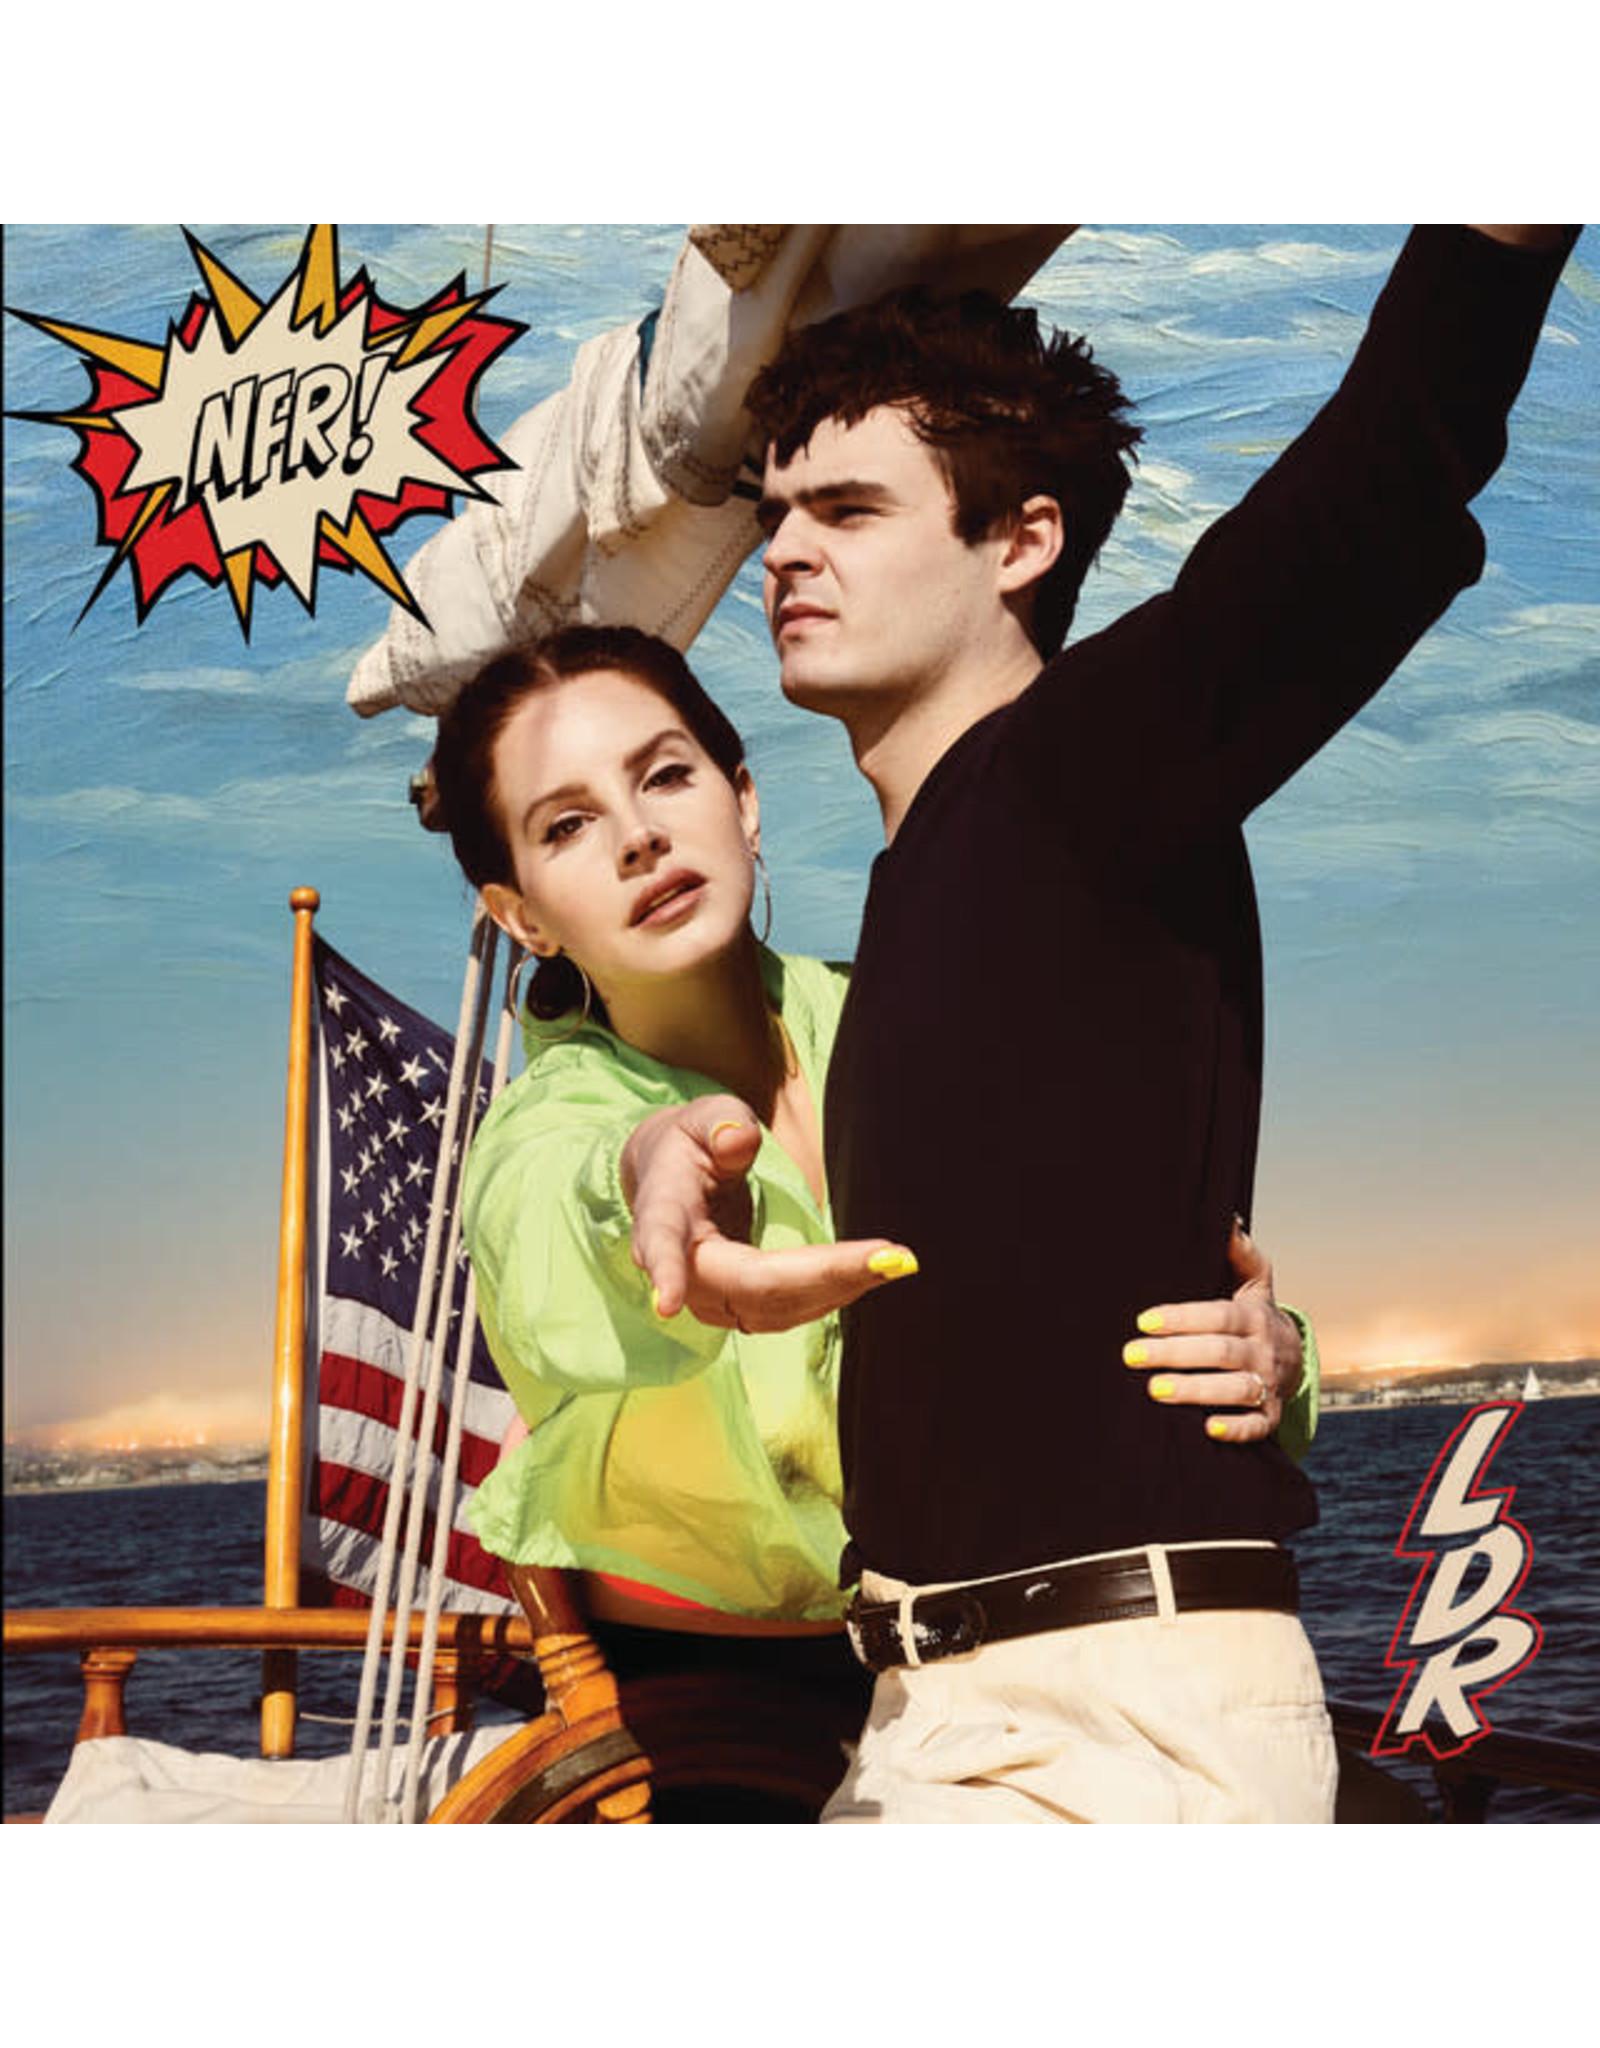 Vinyl Lana Del Ray - NFR